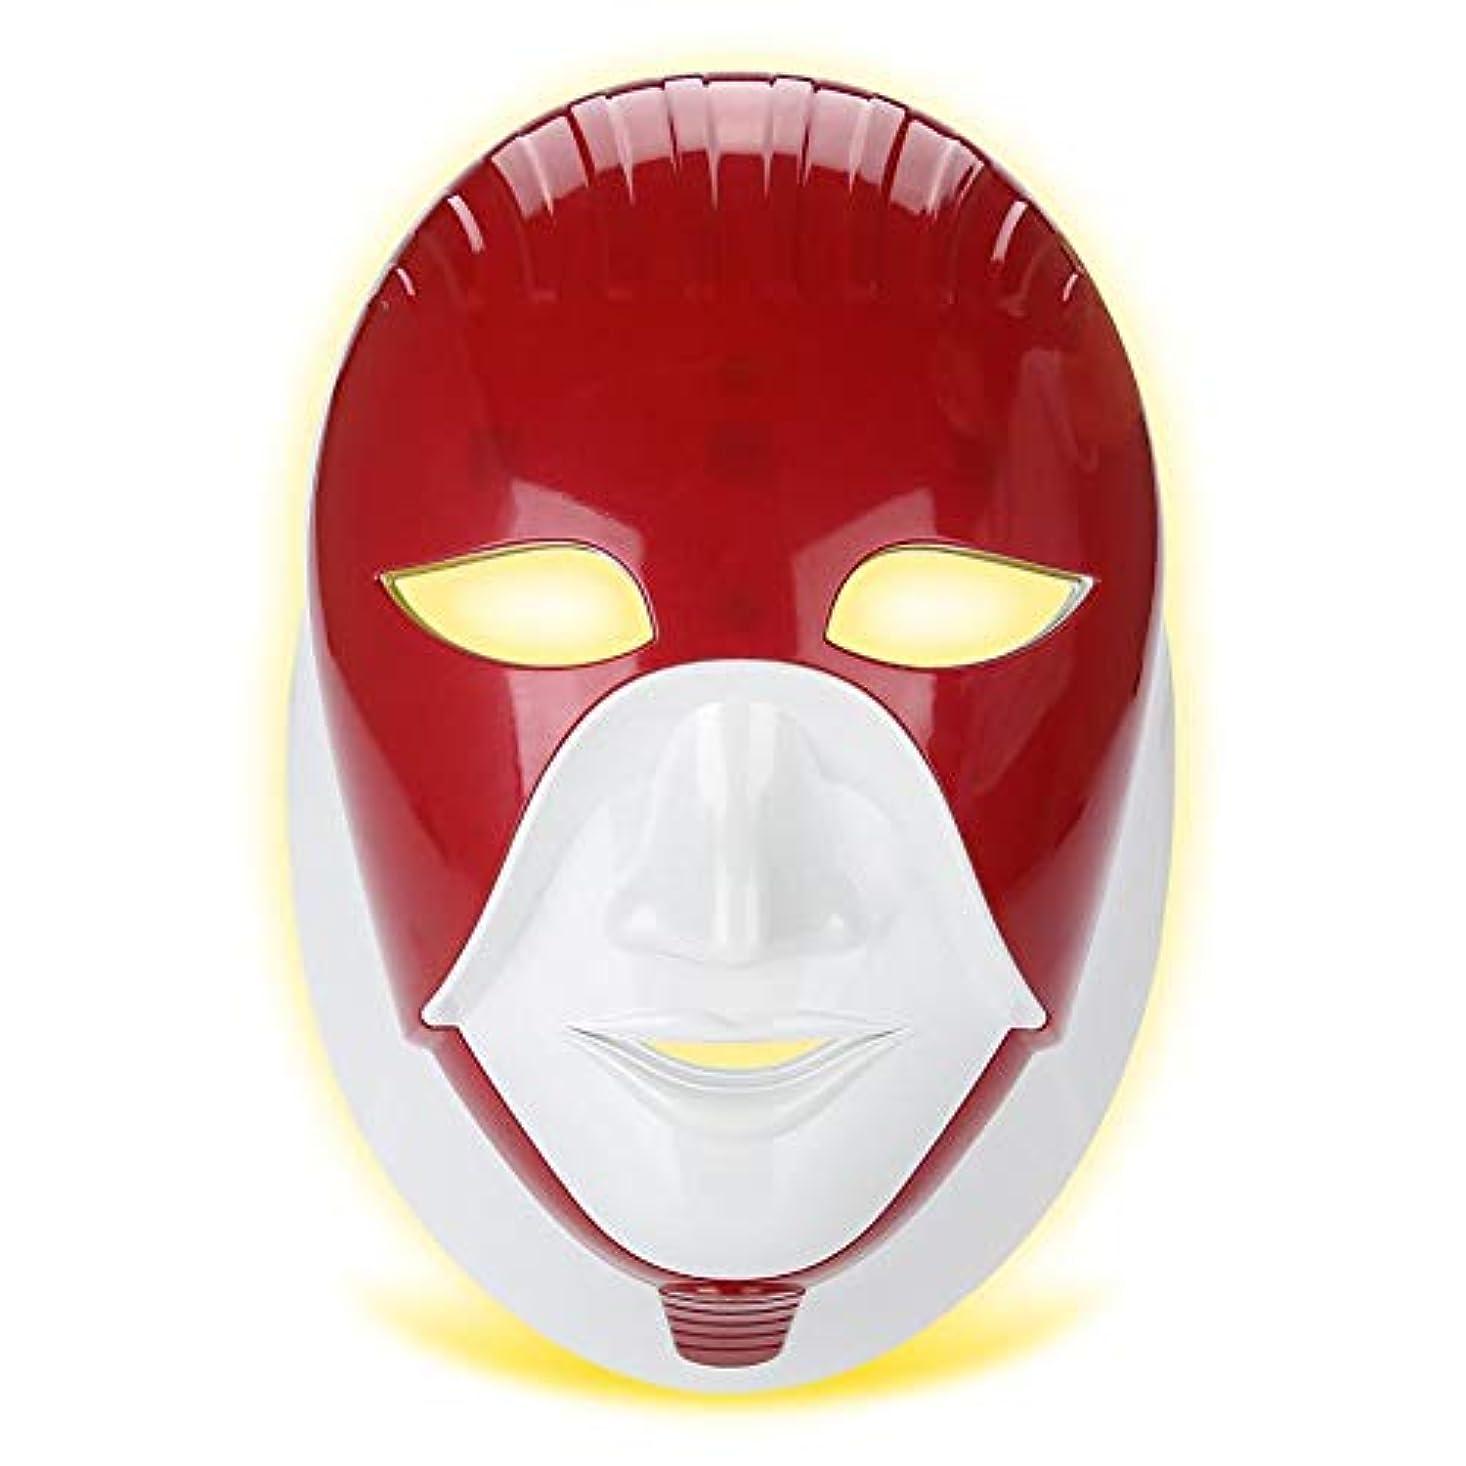 内陸重さたとえLEDフェイシャルネックマスク、滑らかな肌のより良いのための7色のネオン - 輝くライトフェイスケア美容ツール、肌のリラクゼーショング、引き締め、調色、引き締まった肌、瑕疵び、美白(02#)